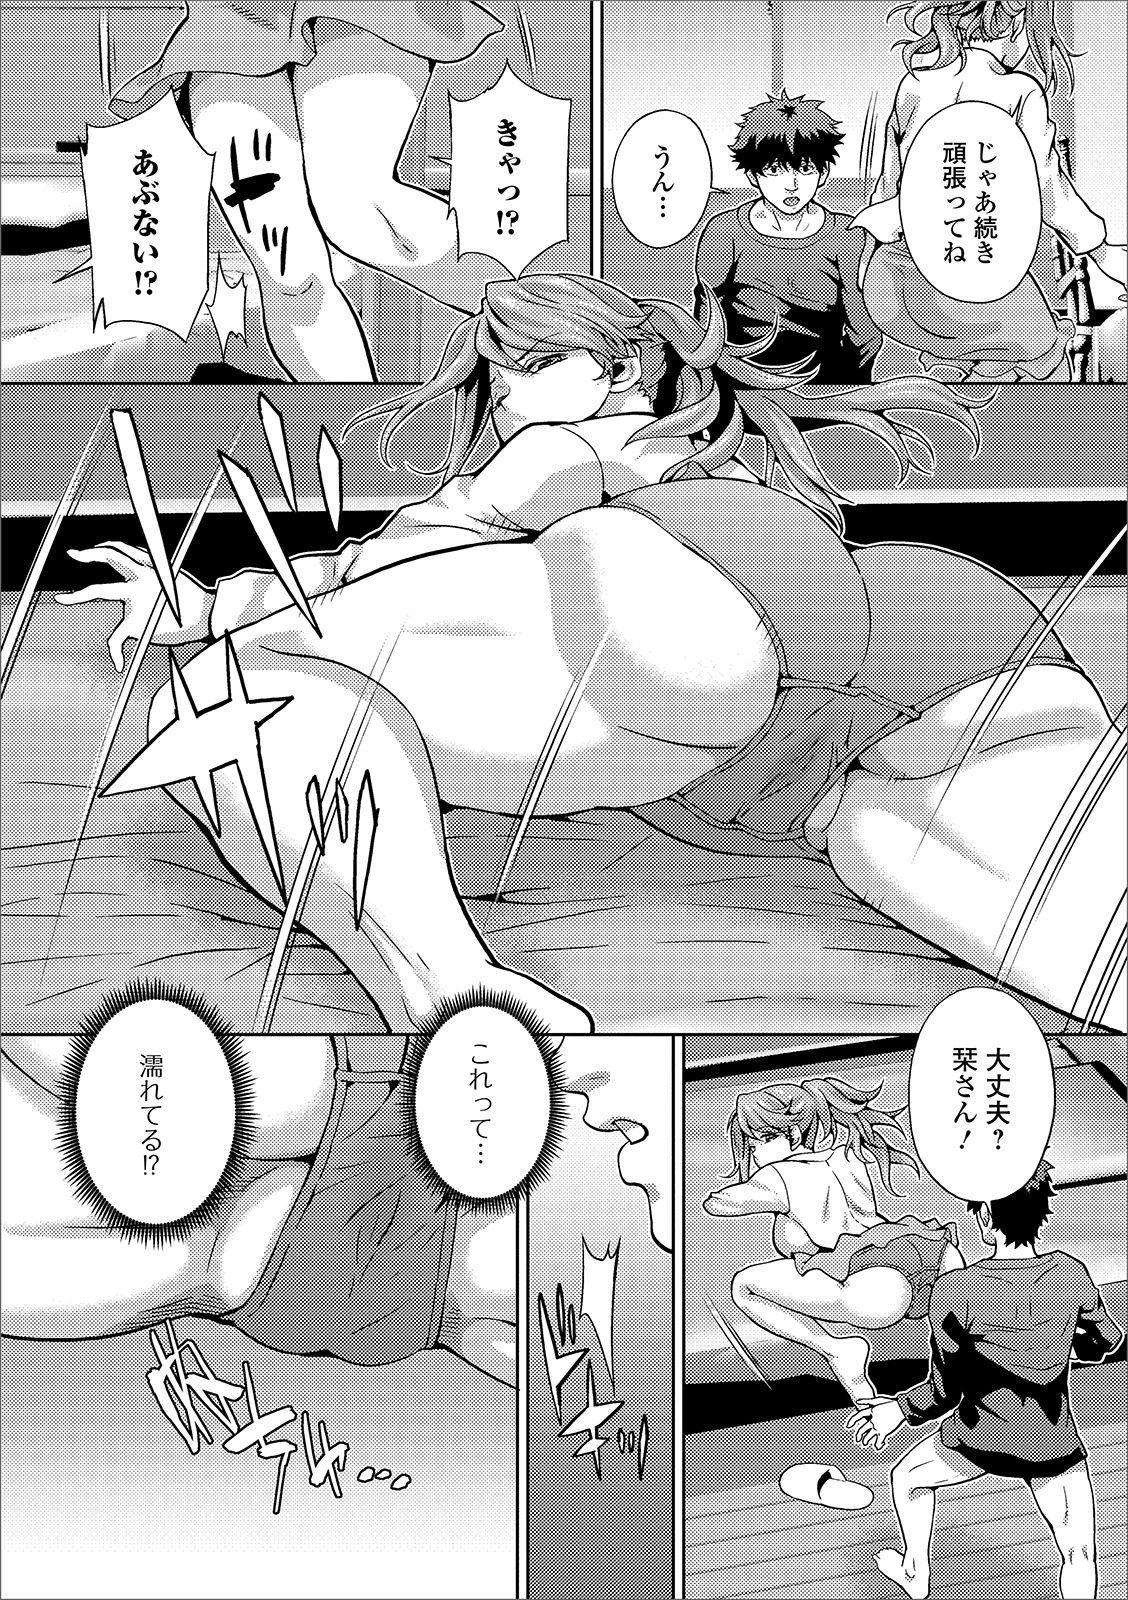 Web Haishin Gekkan Tonari no Kininaru Oku-san Vol. 033 31